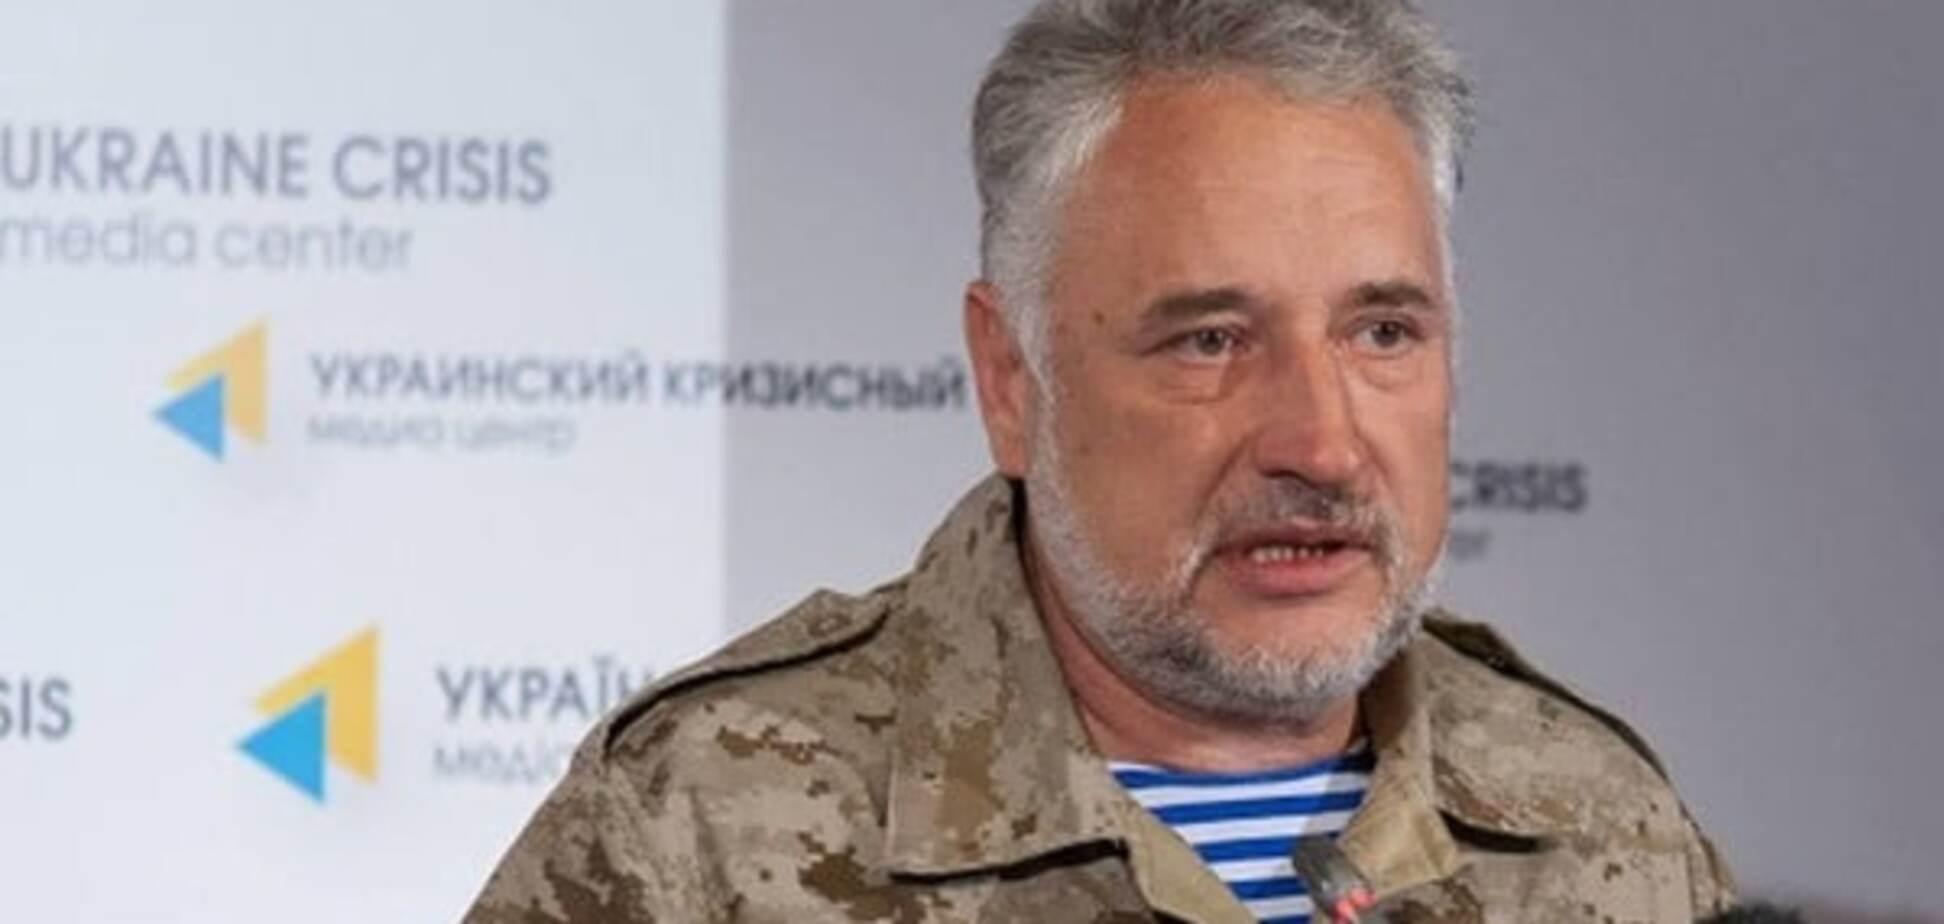 'Я готовий, чи готова Україна?' Жебрівський прокоментував заяву про війну з Росією